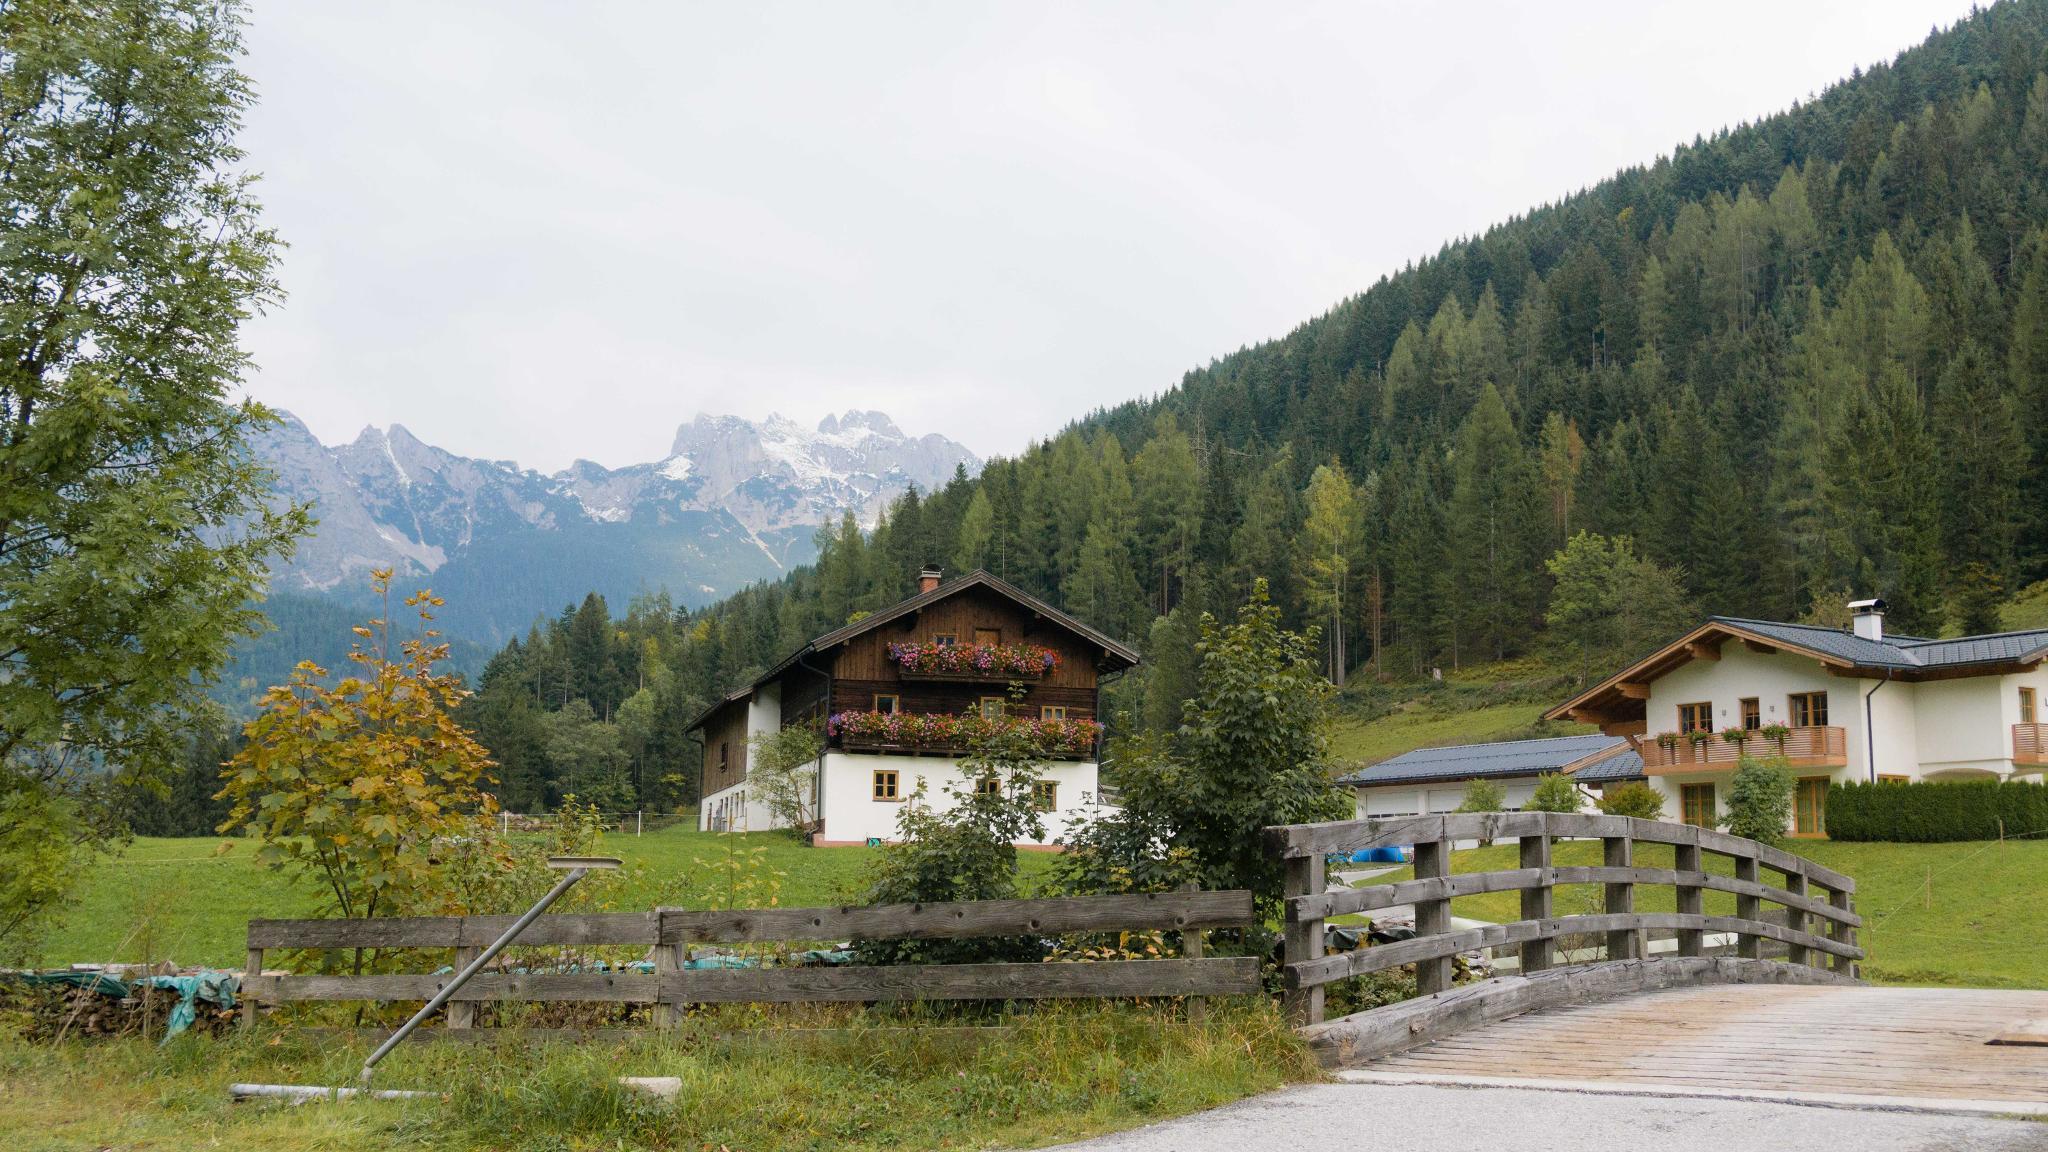 【奧地利】阿爾卑斯迷迷路!遇見美麗的奧地利風情小鎮:滕嫩山麓聖馬丁 19